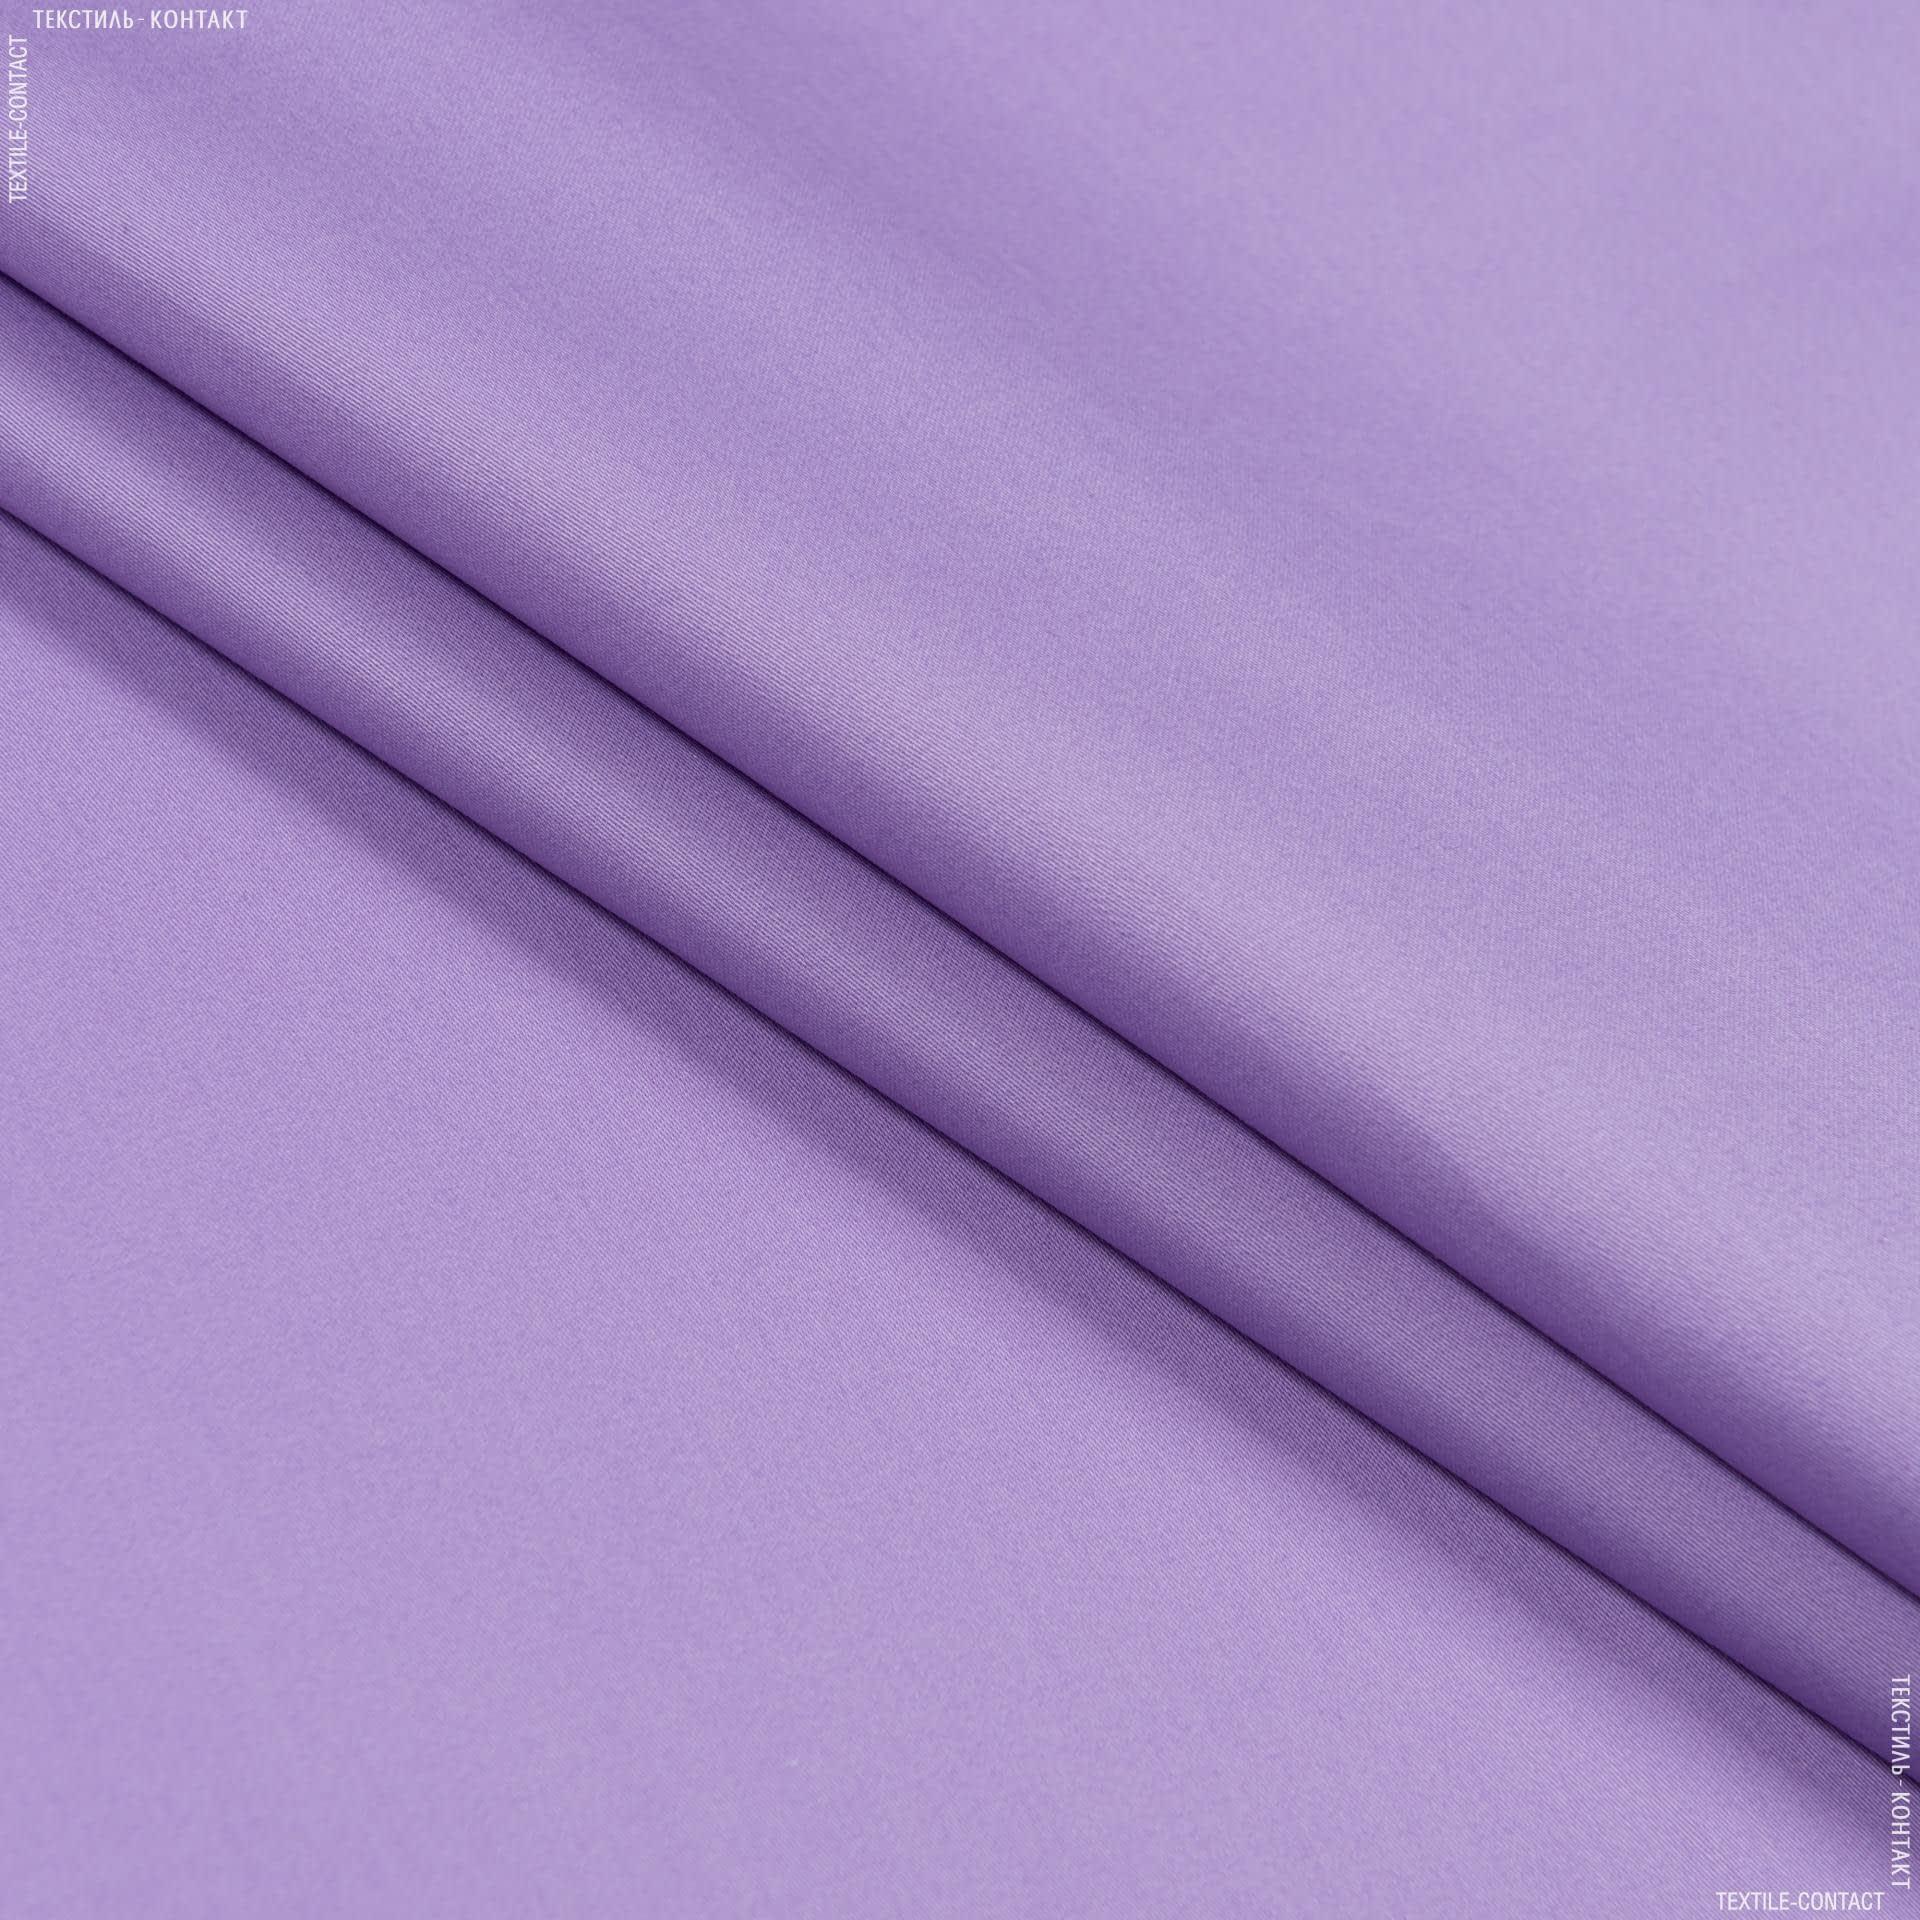 Тканини для суконь - Сорочкова бергамо сатен темно-бузковий